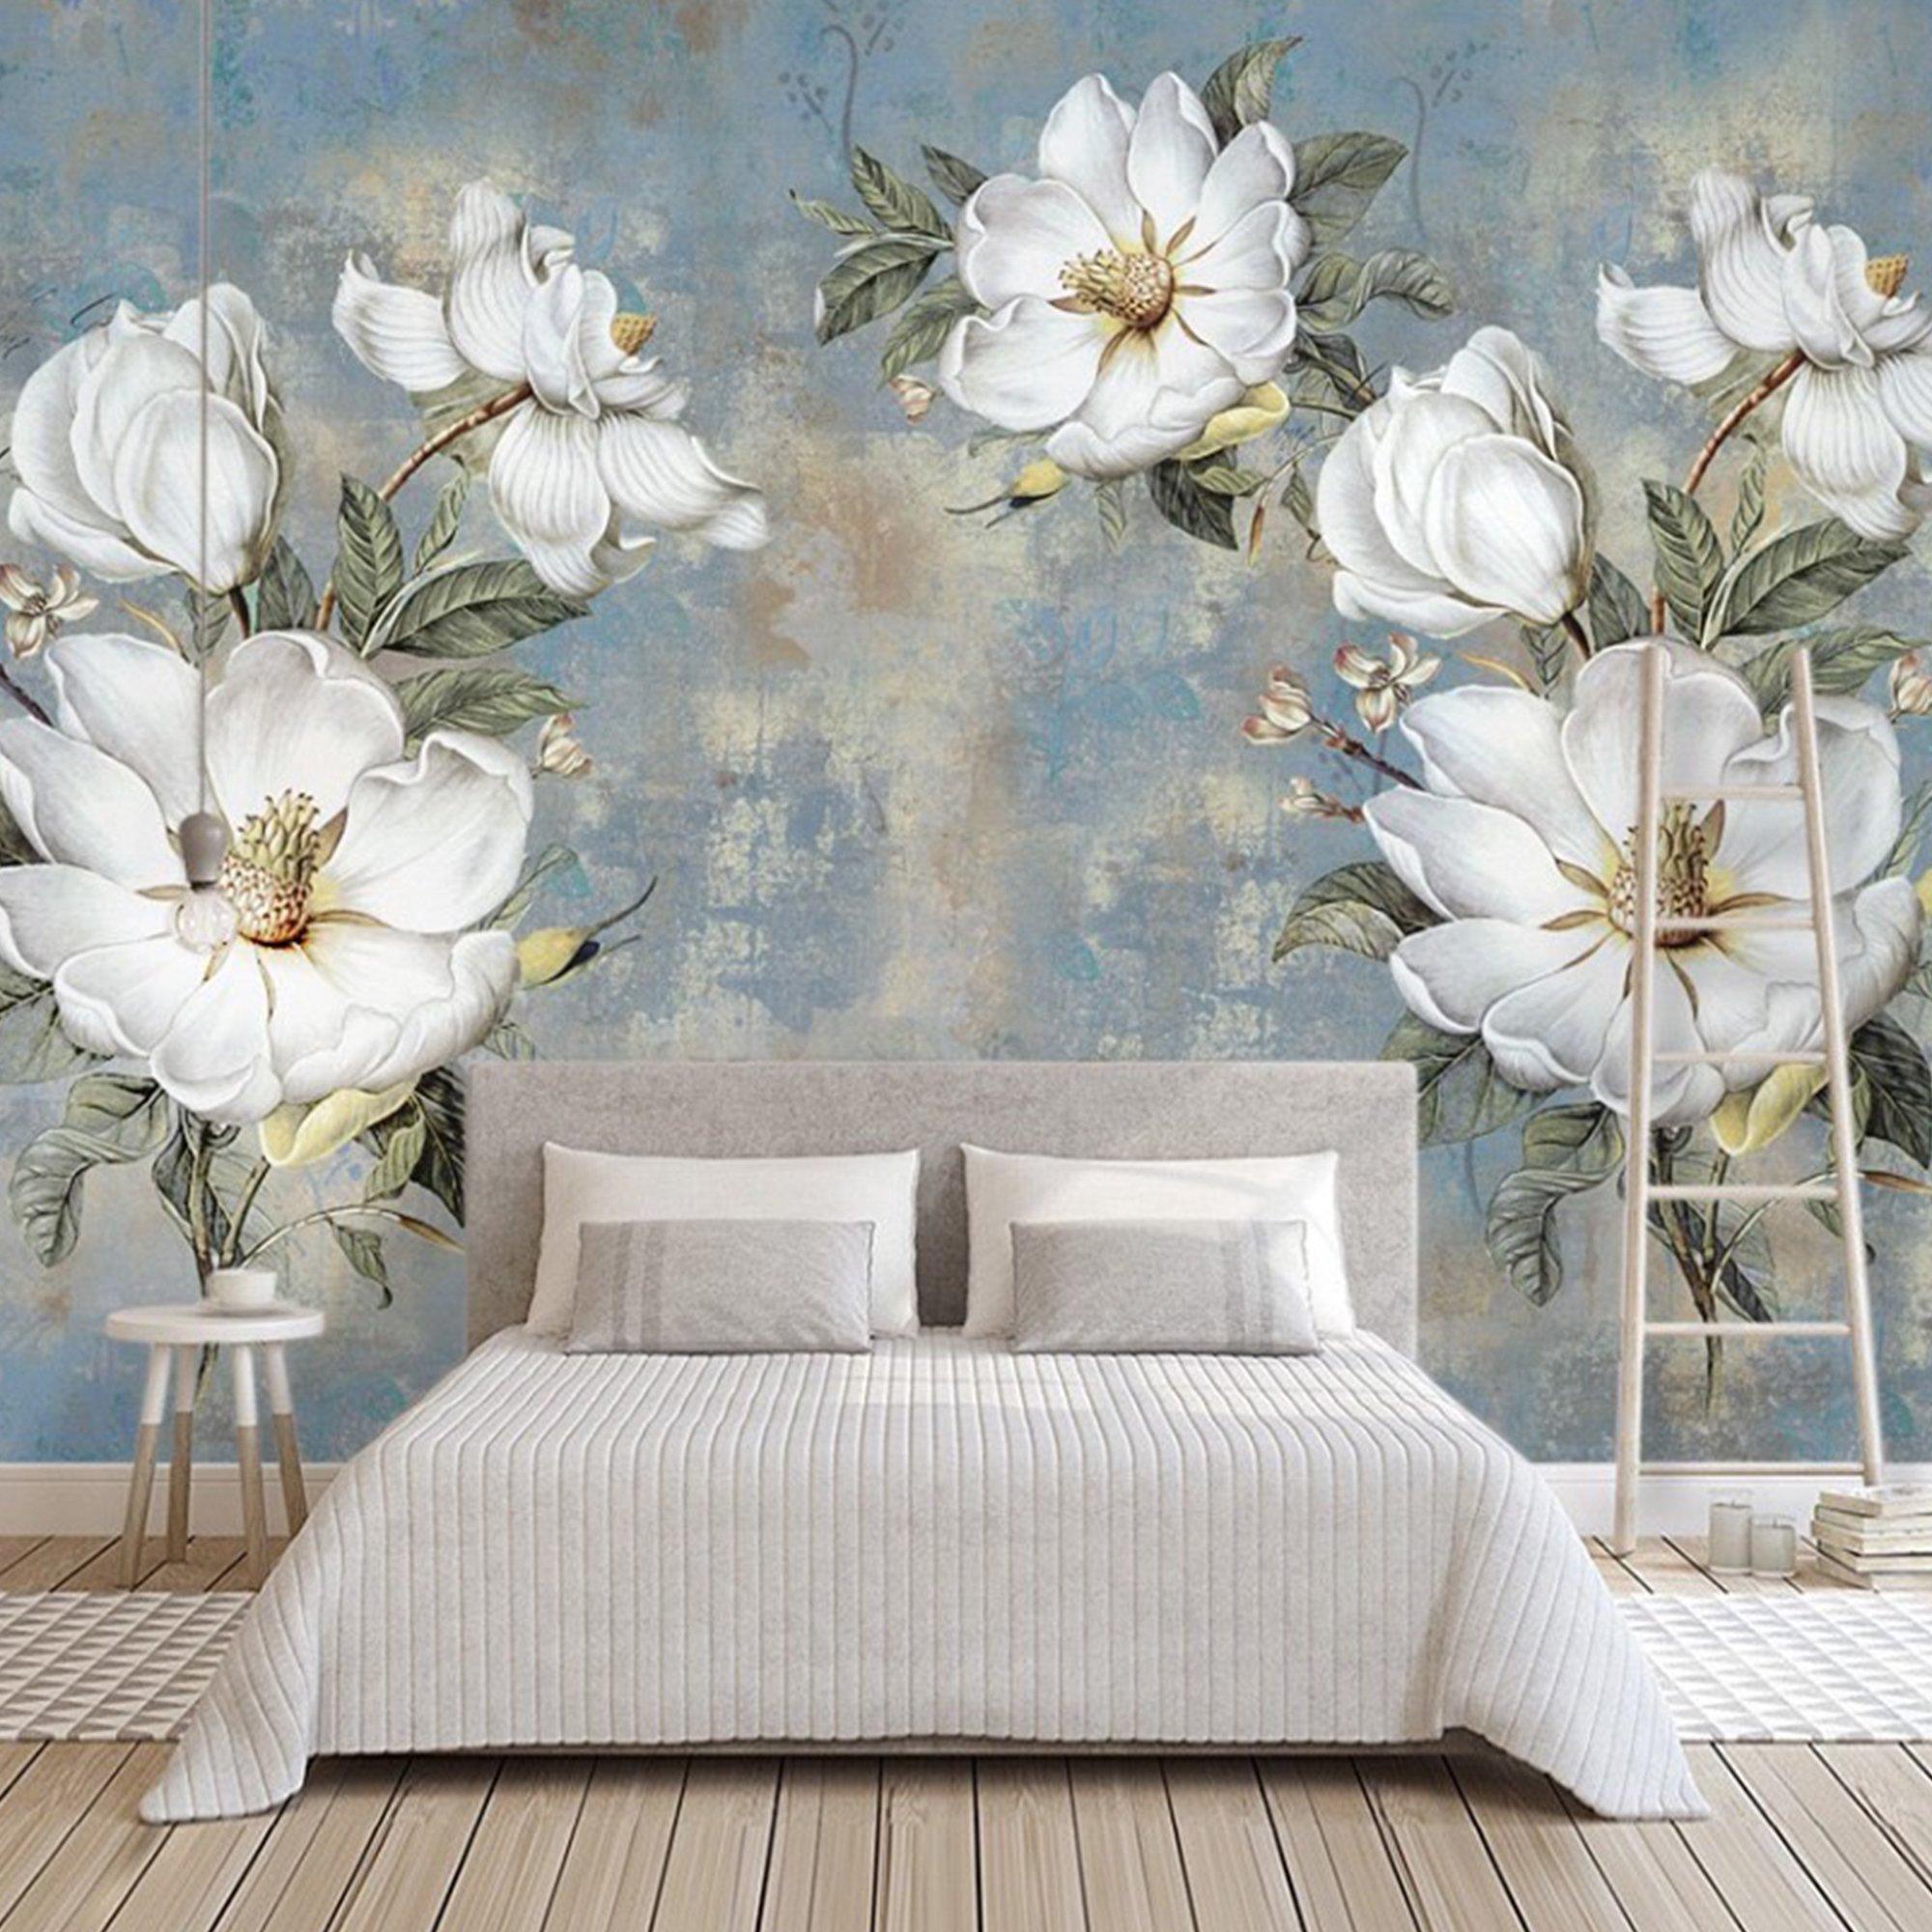 Tranh dán tường hoa cúc trắng